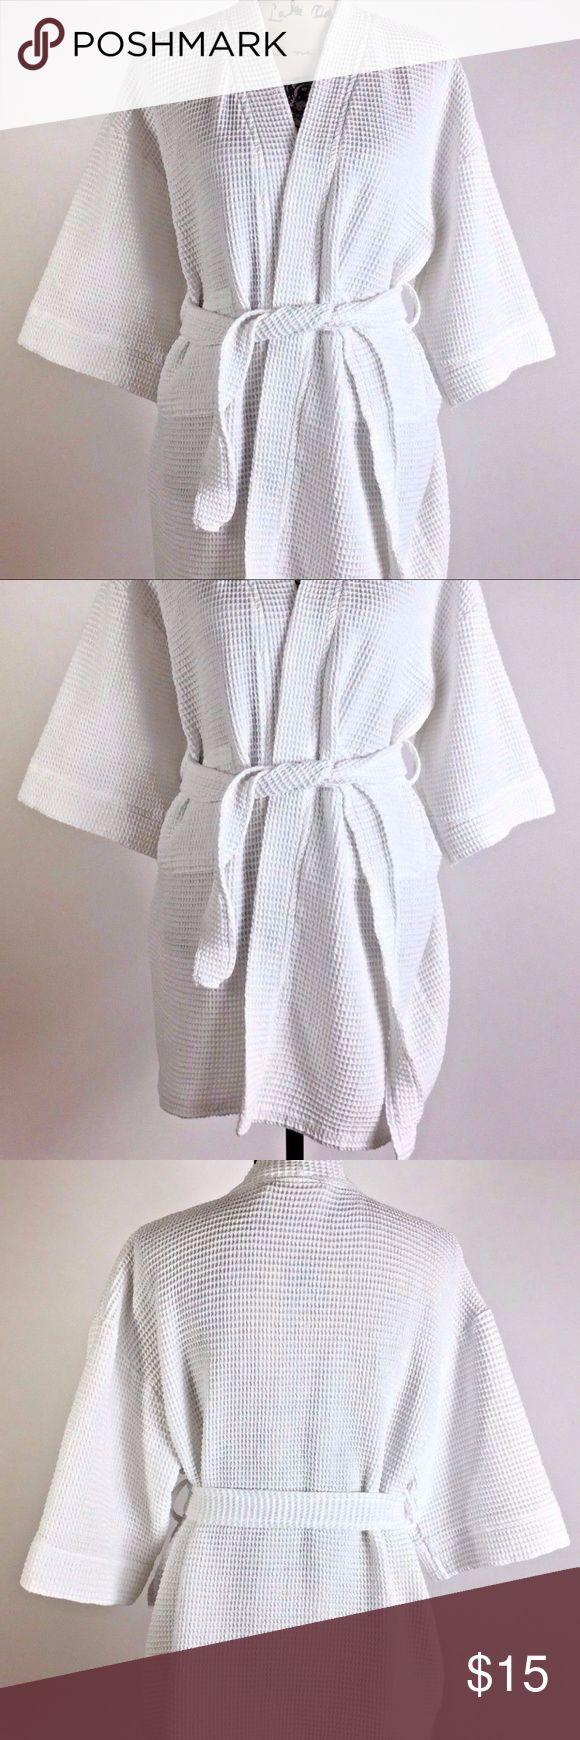 Aegean Apparel Women's Open Robe Waffle Knit Short Aegean Apparel Women's Open Robe Waffle Knit Short Sleeve Bath Robe Size L/XL Aegean Apparel Intimates & Sleepwear Robes